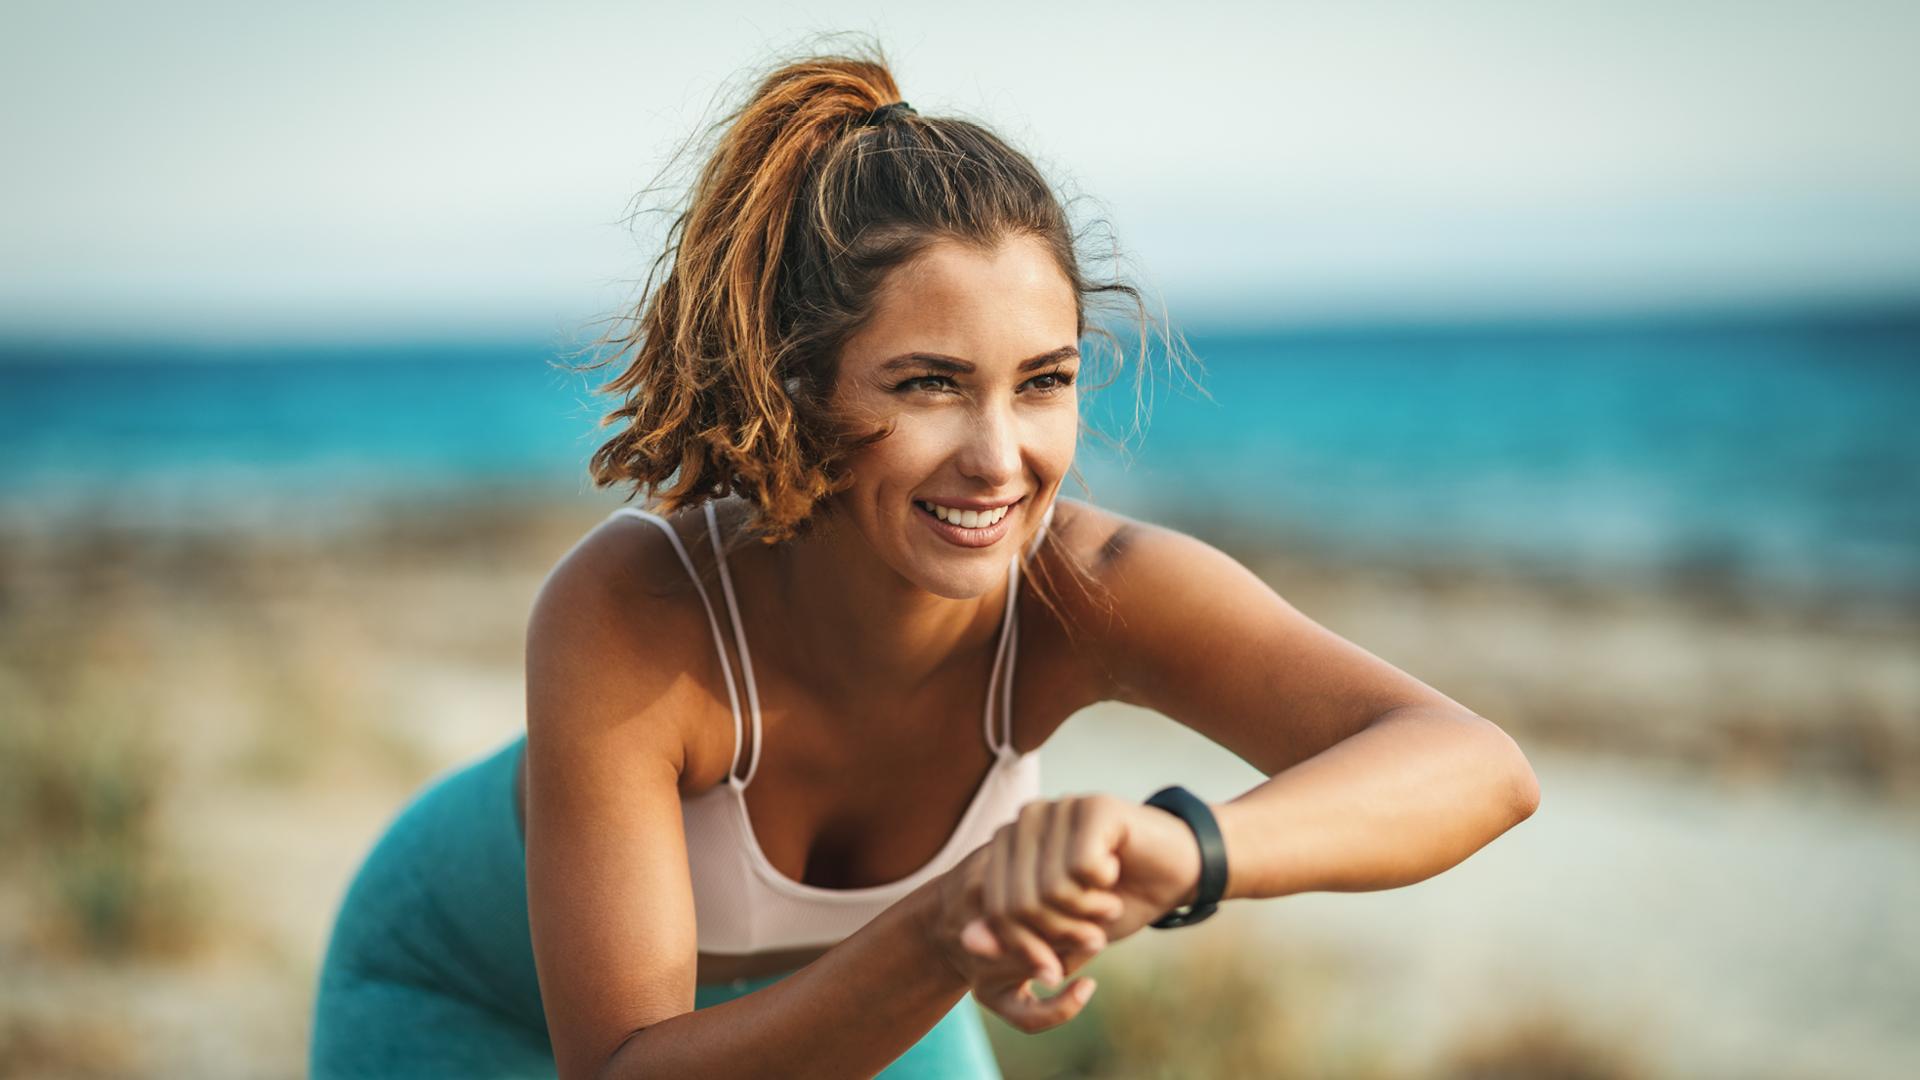 Gesundheitsvorsorge macht hält fit und jung